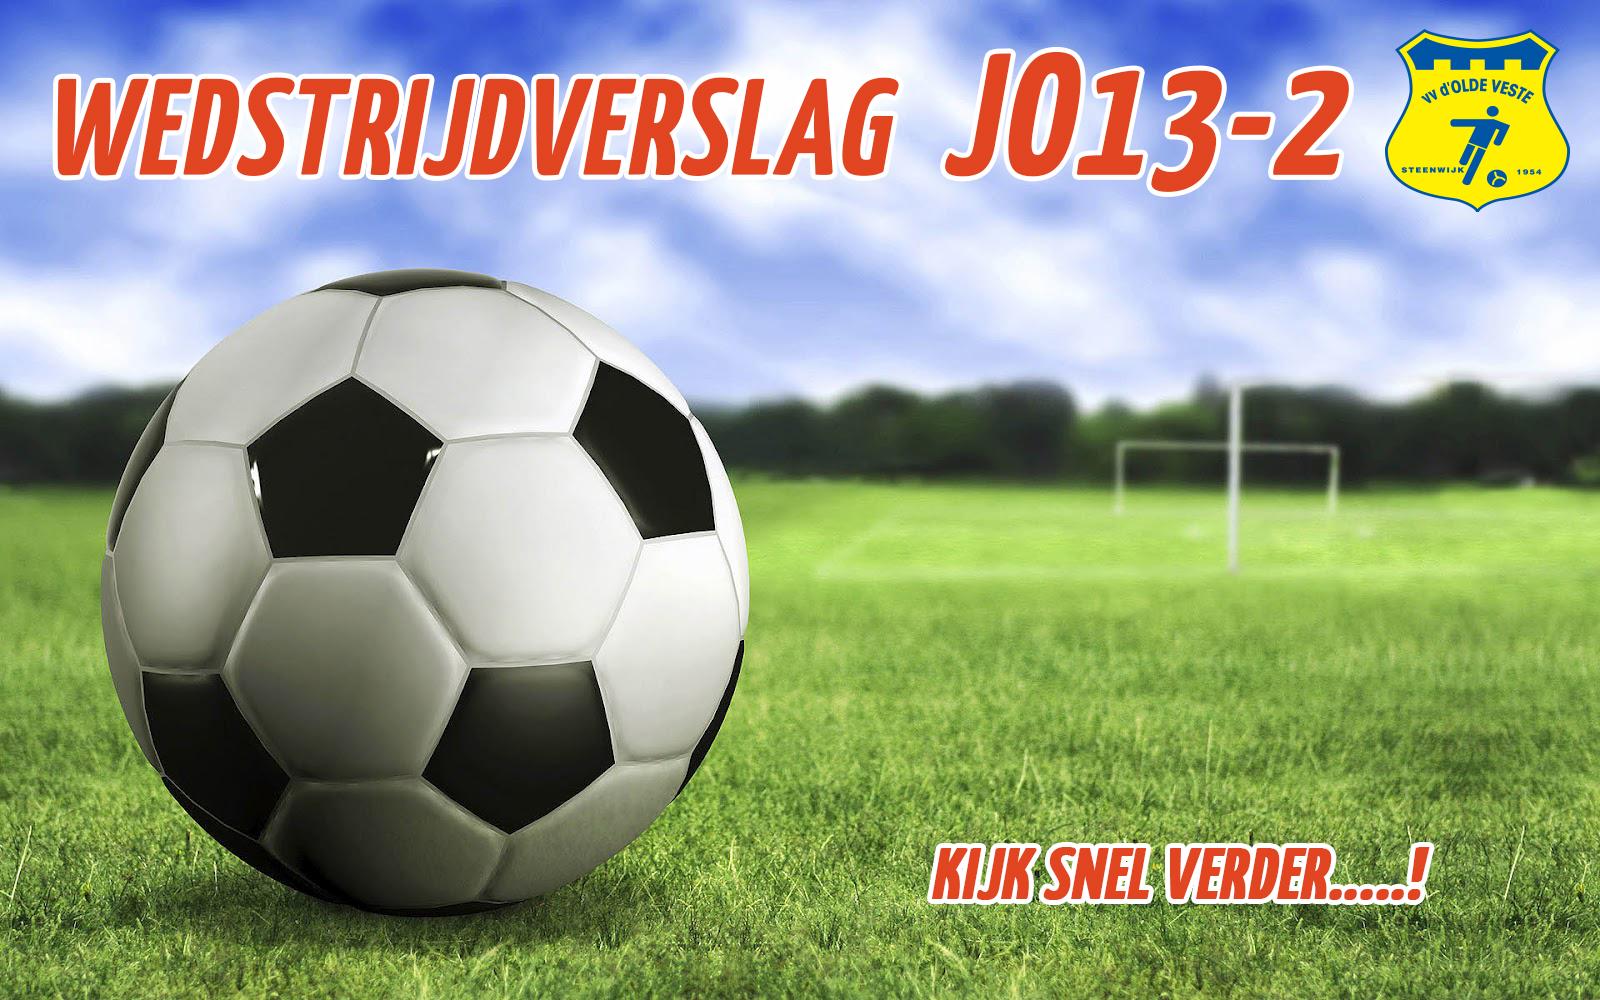 VENO JO13-1 – d'Olde Veste JO13-2